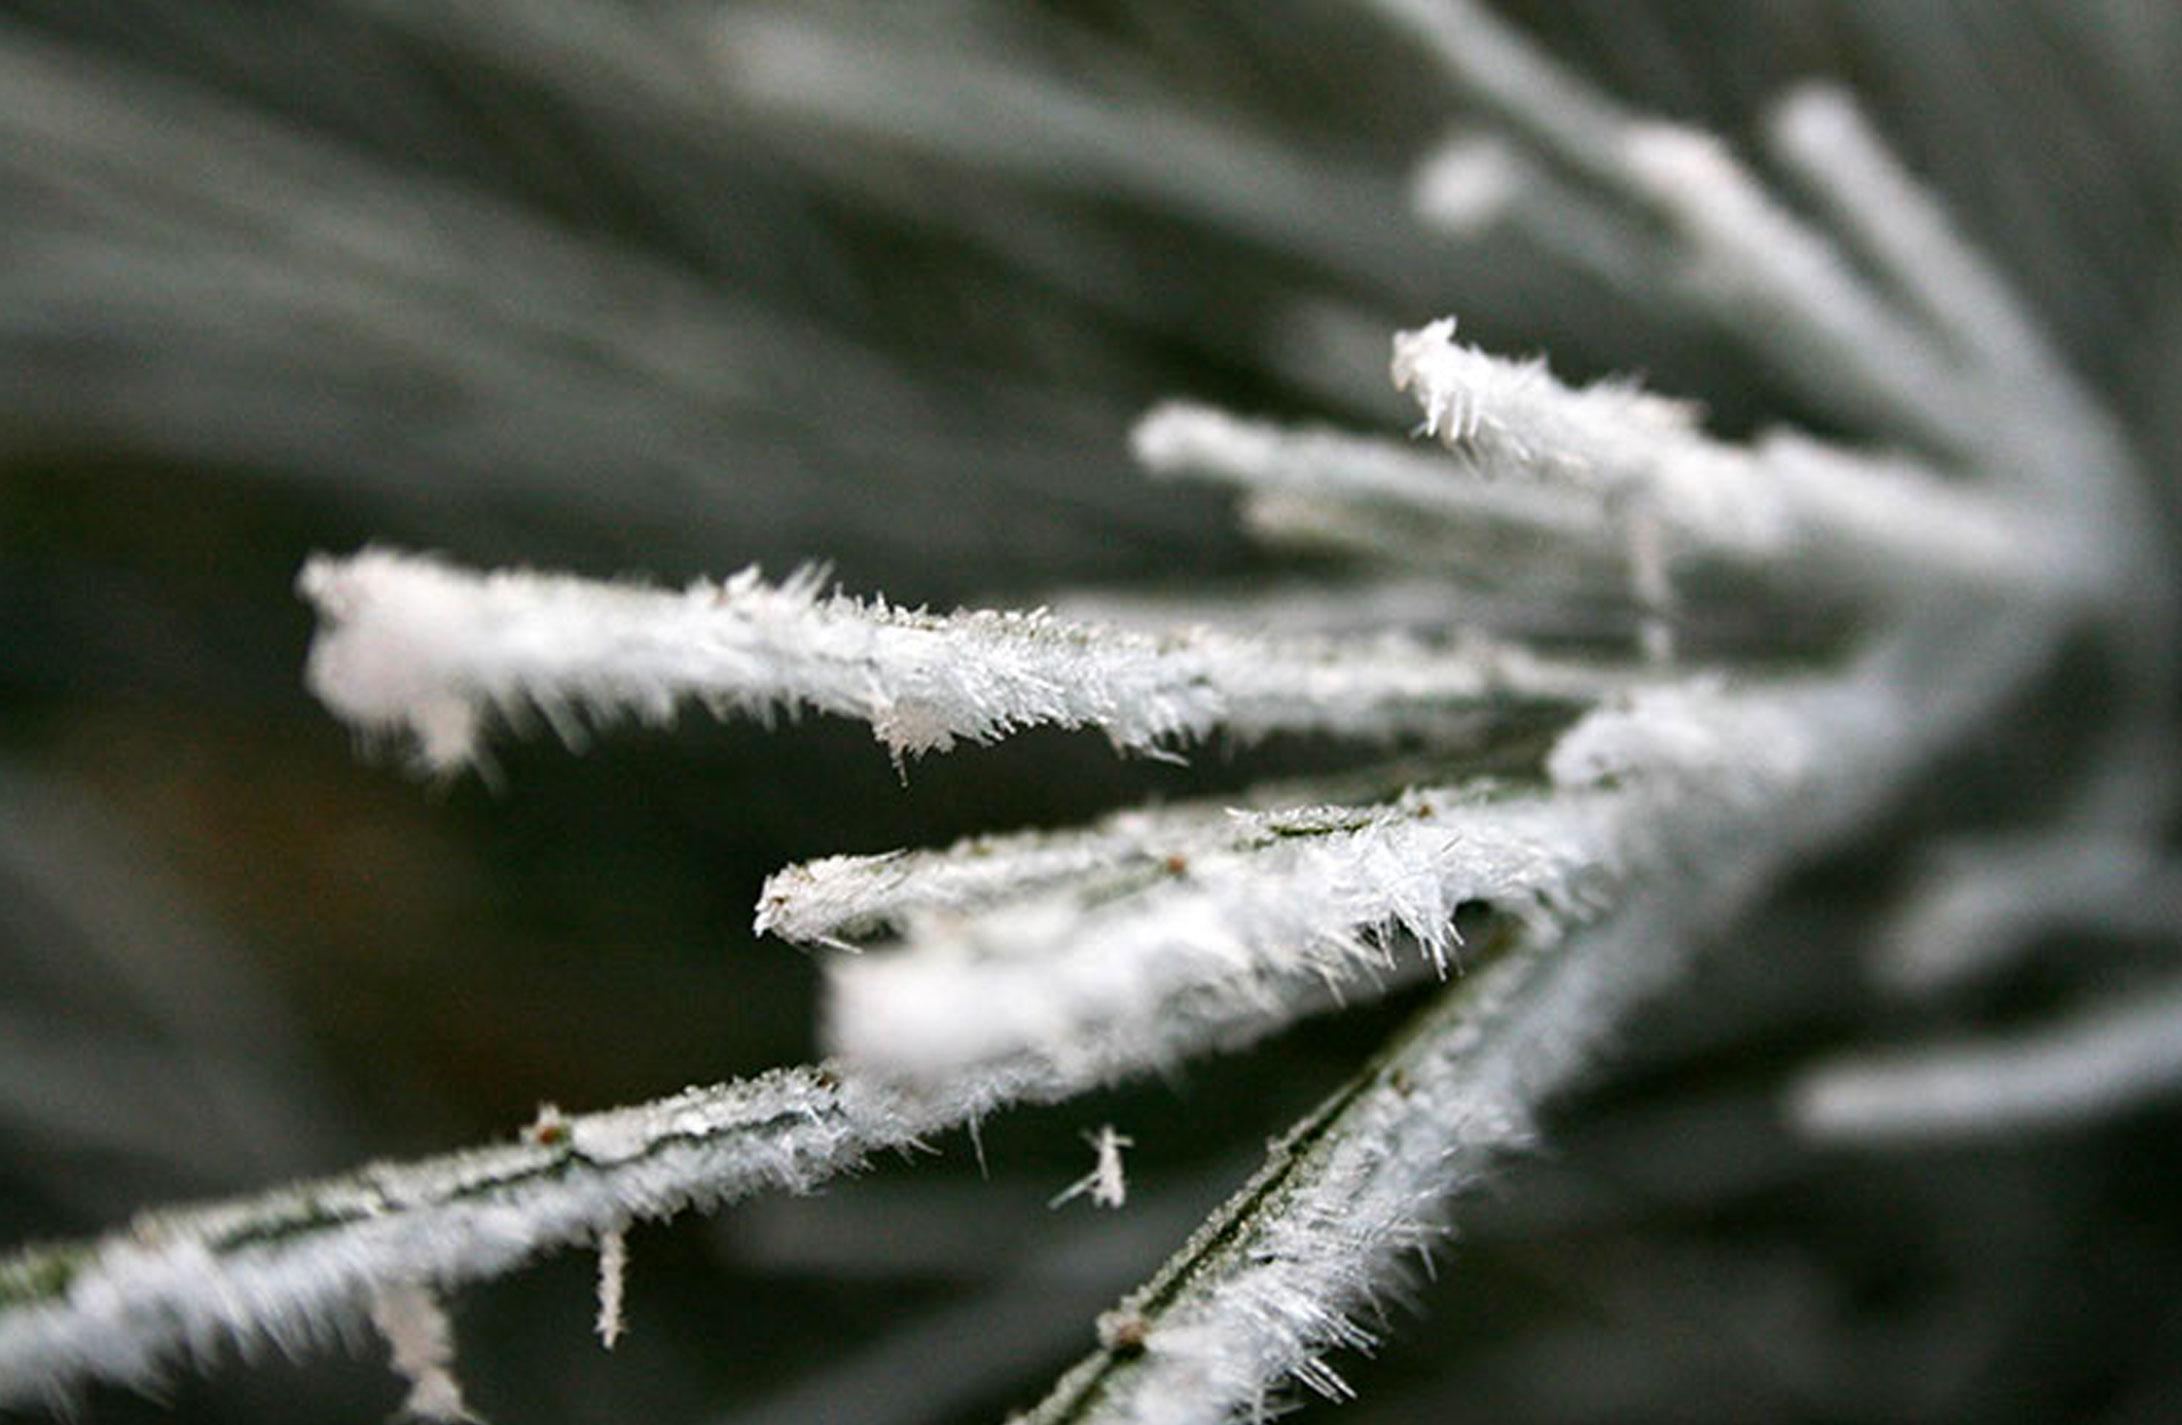 Mill-Tye-Gallery-Winter-Frosty-4